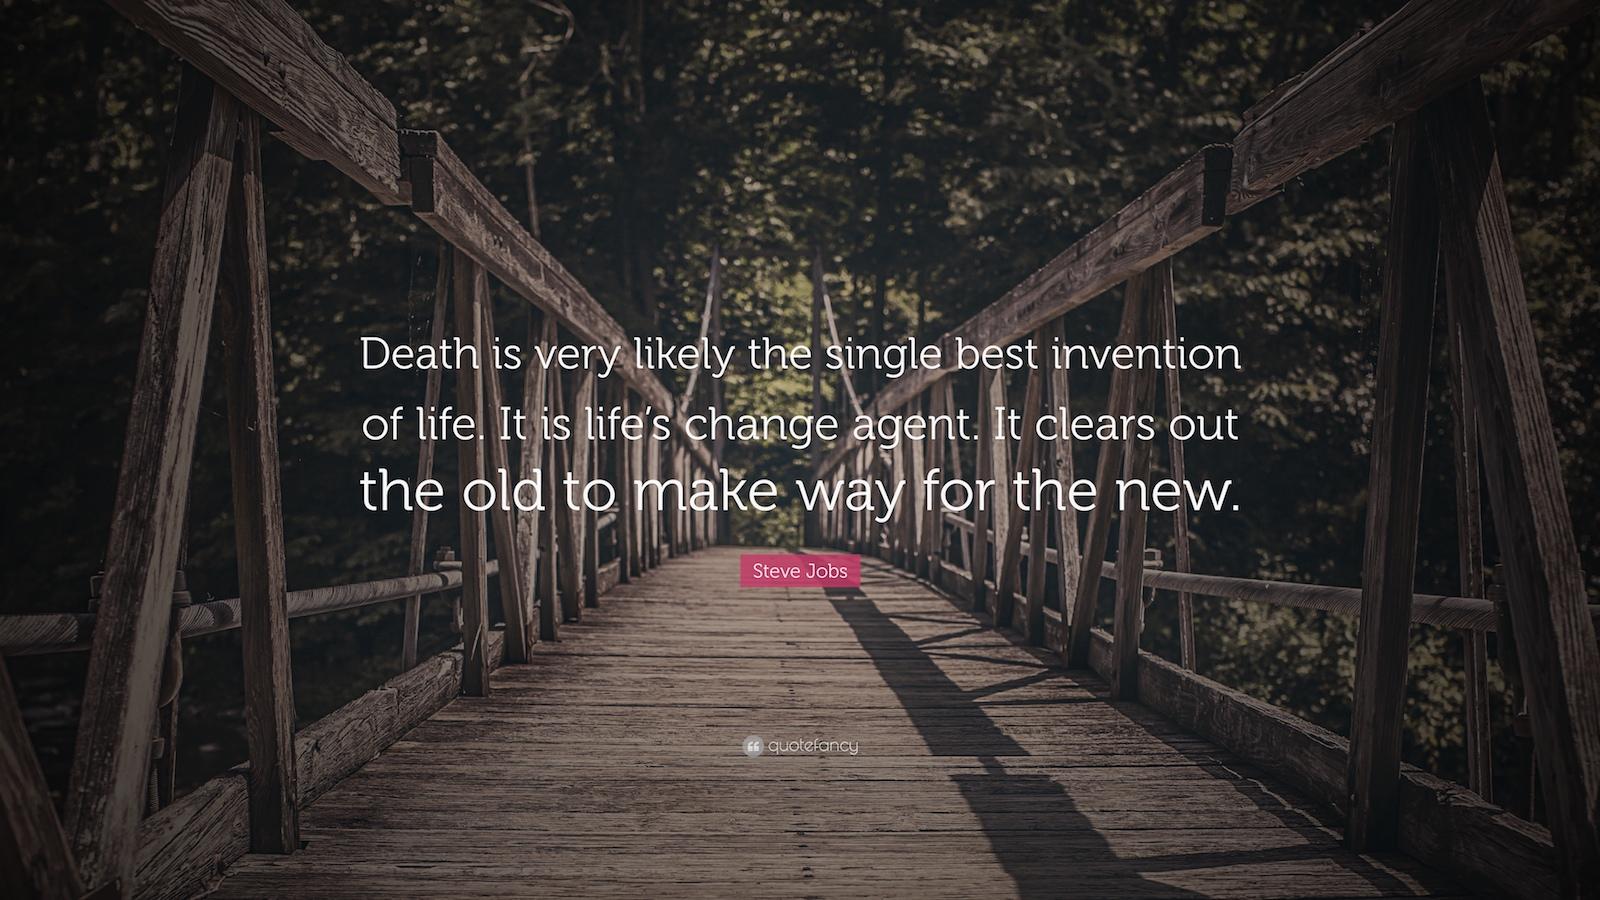 stevejobs-death is lifes change agent 1600w